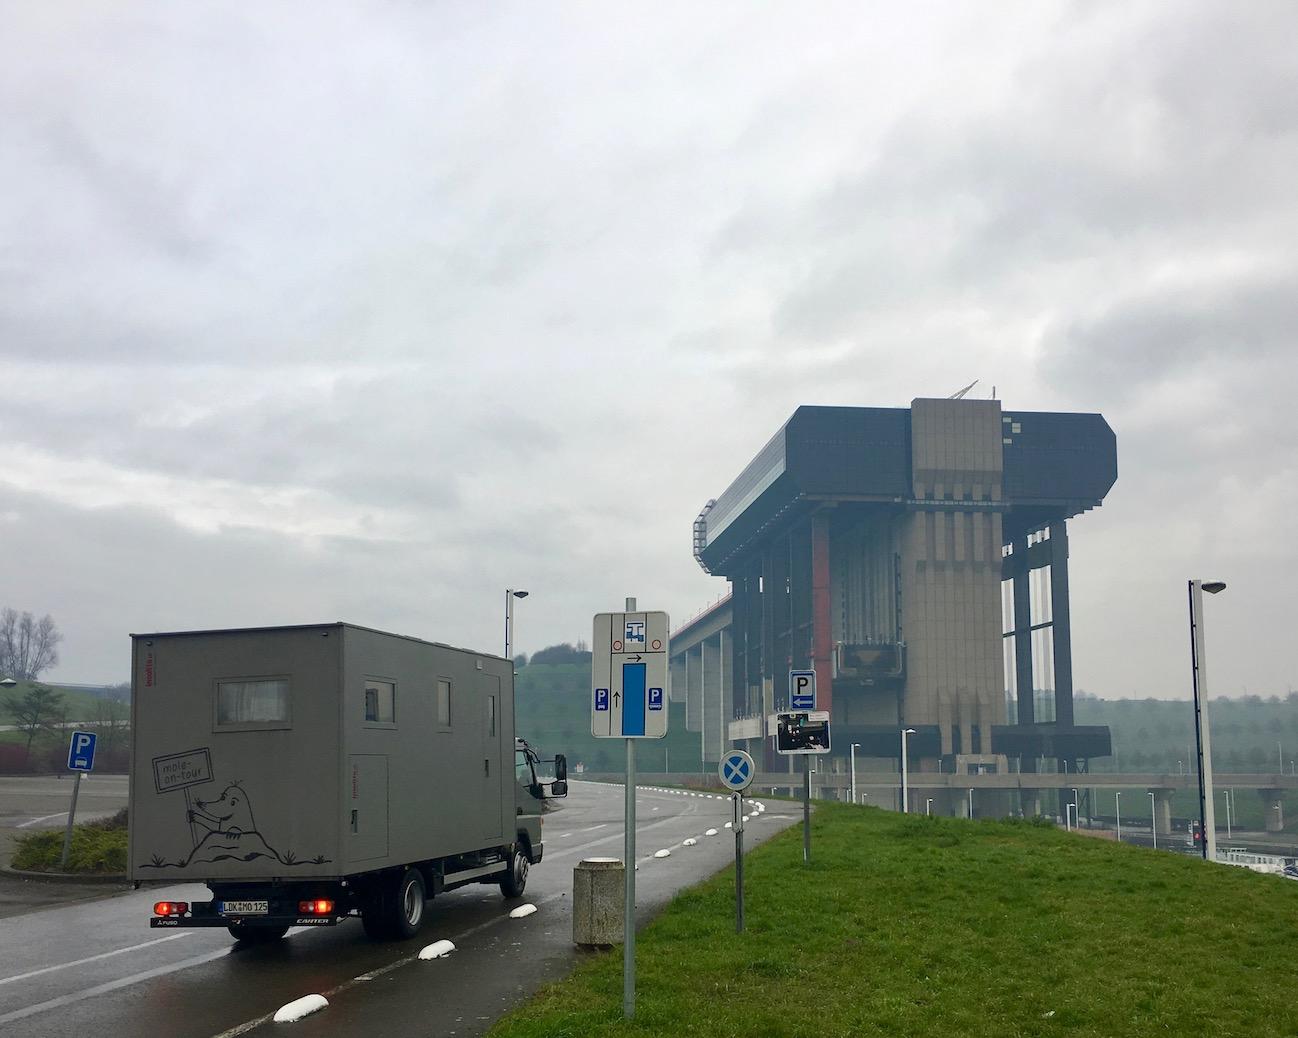 neues Schiffshebewerk Strépy-Thieu am Canal du Centre Belgien Schiffshebewerk